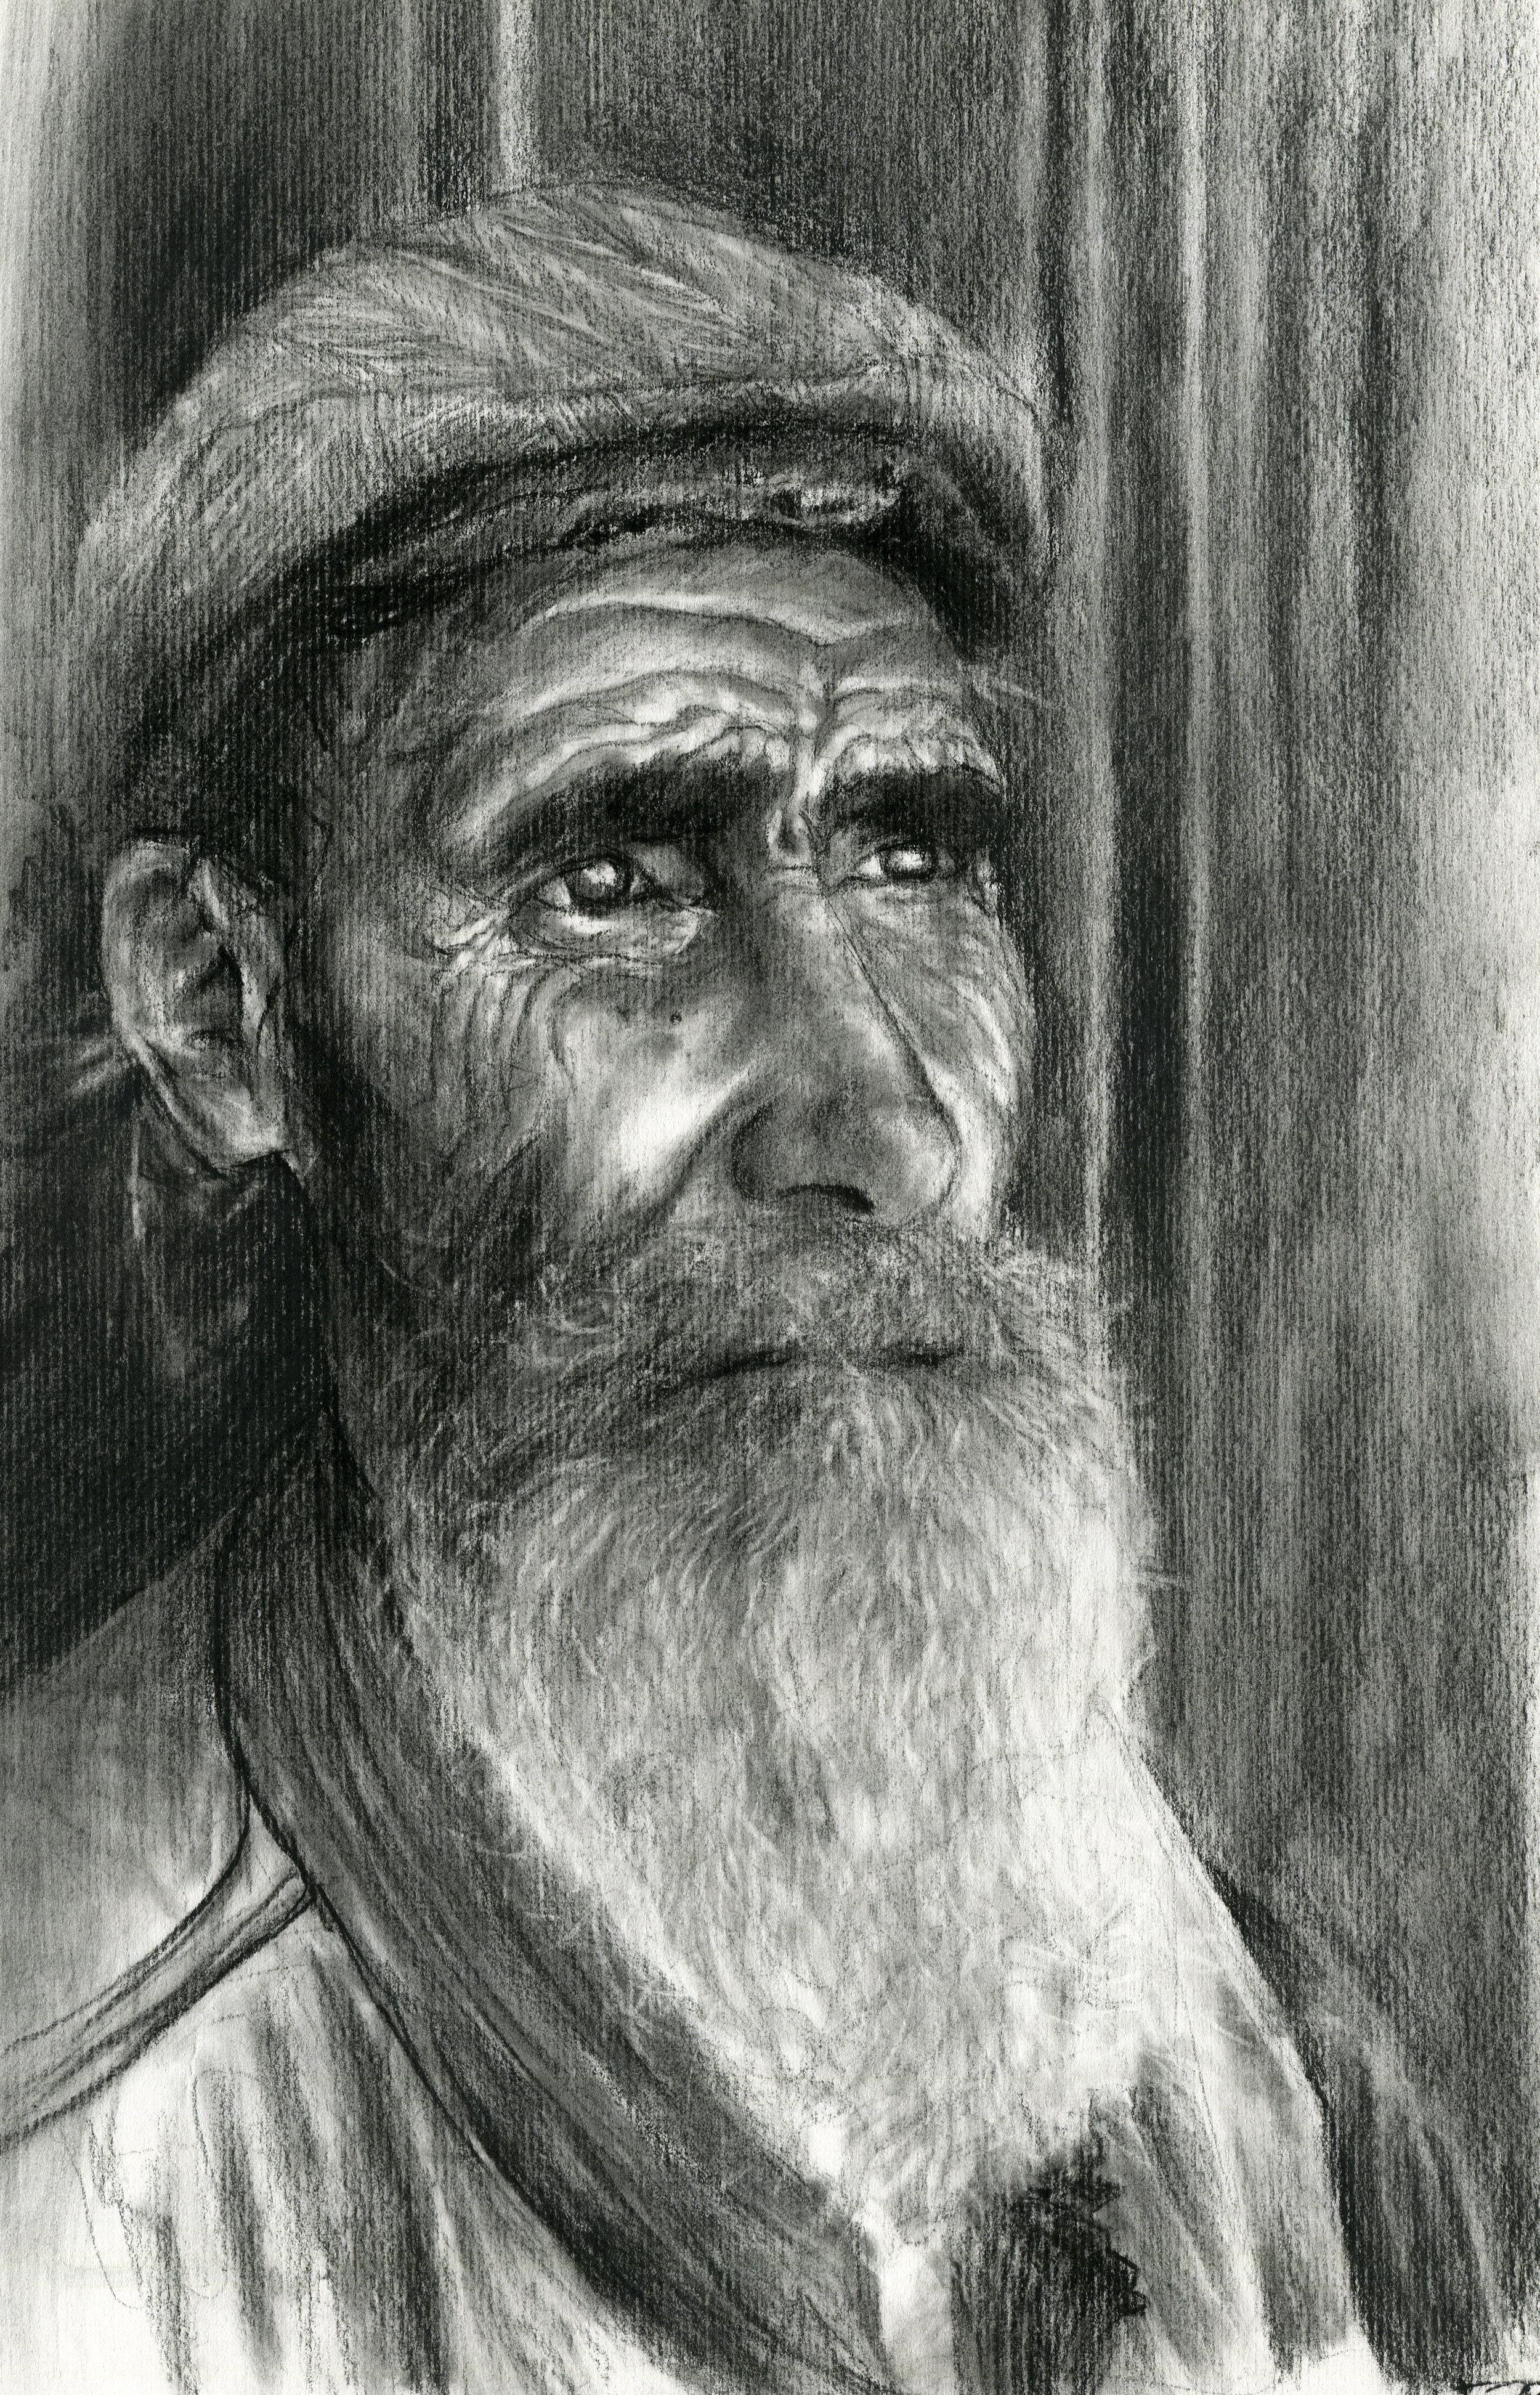 Oldman_1.jpg